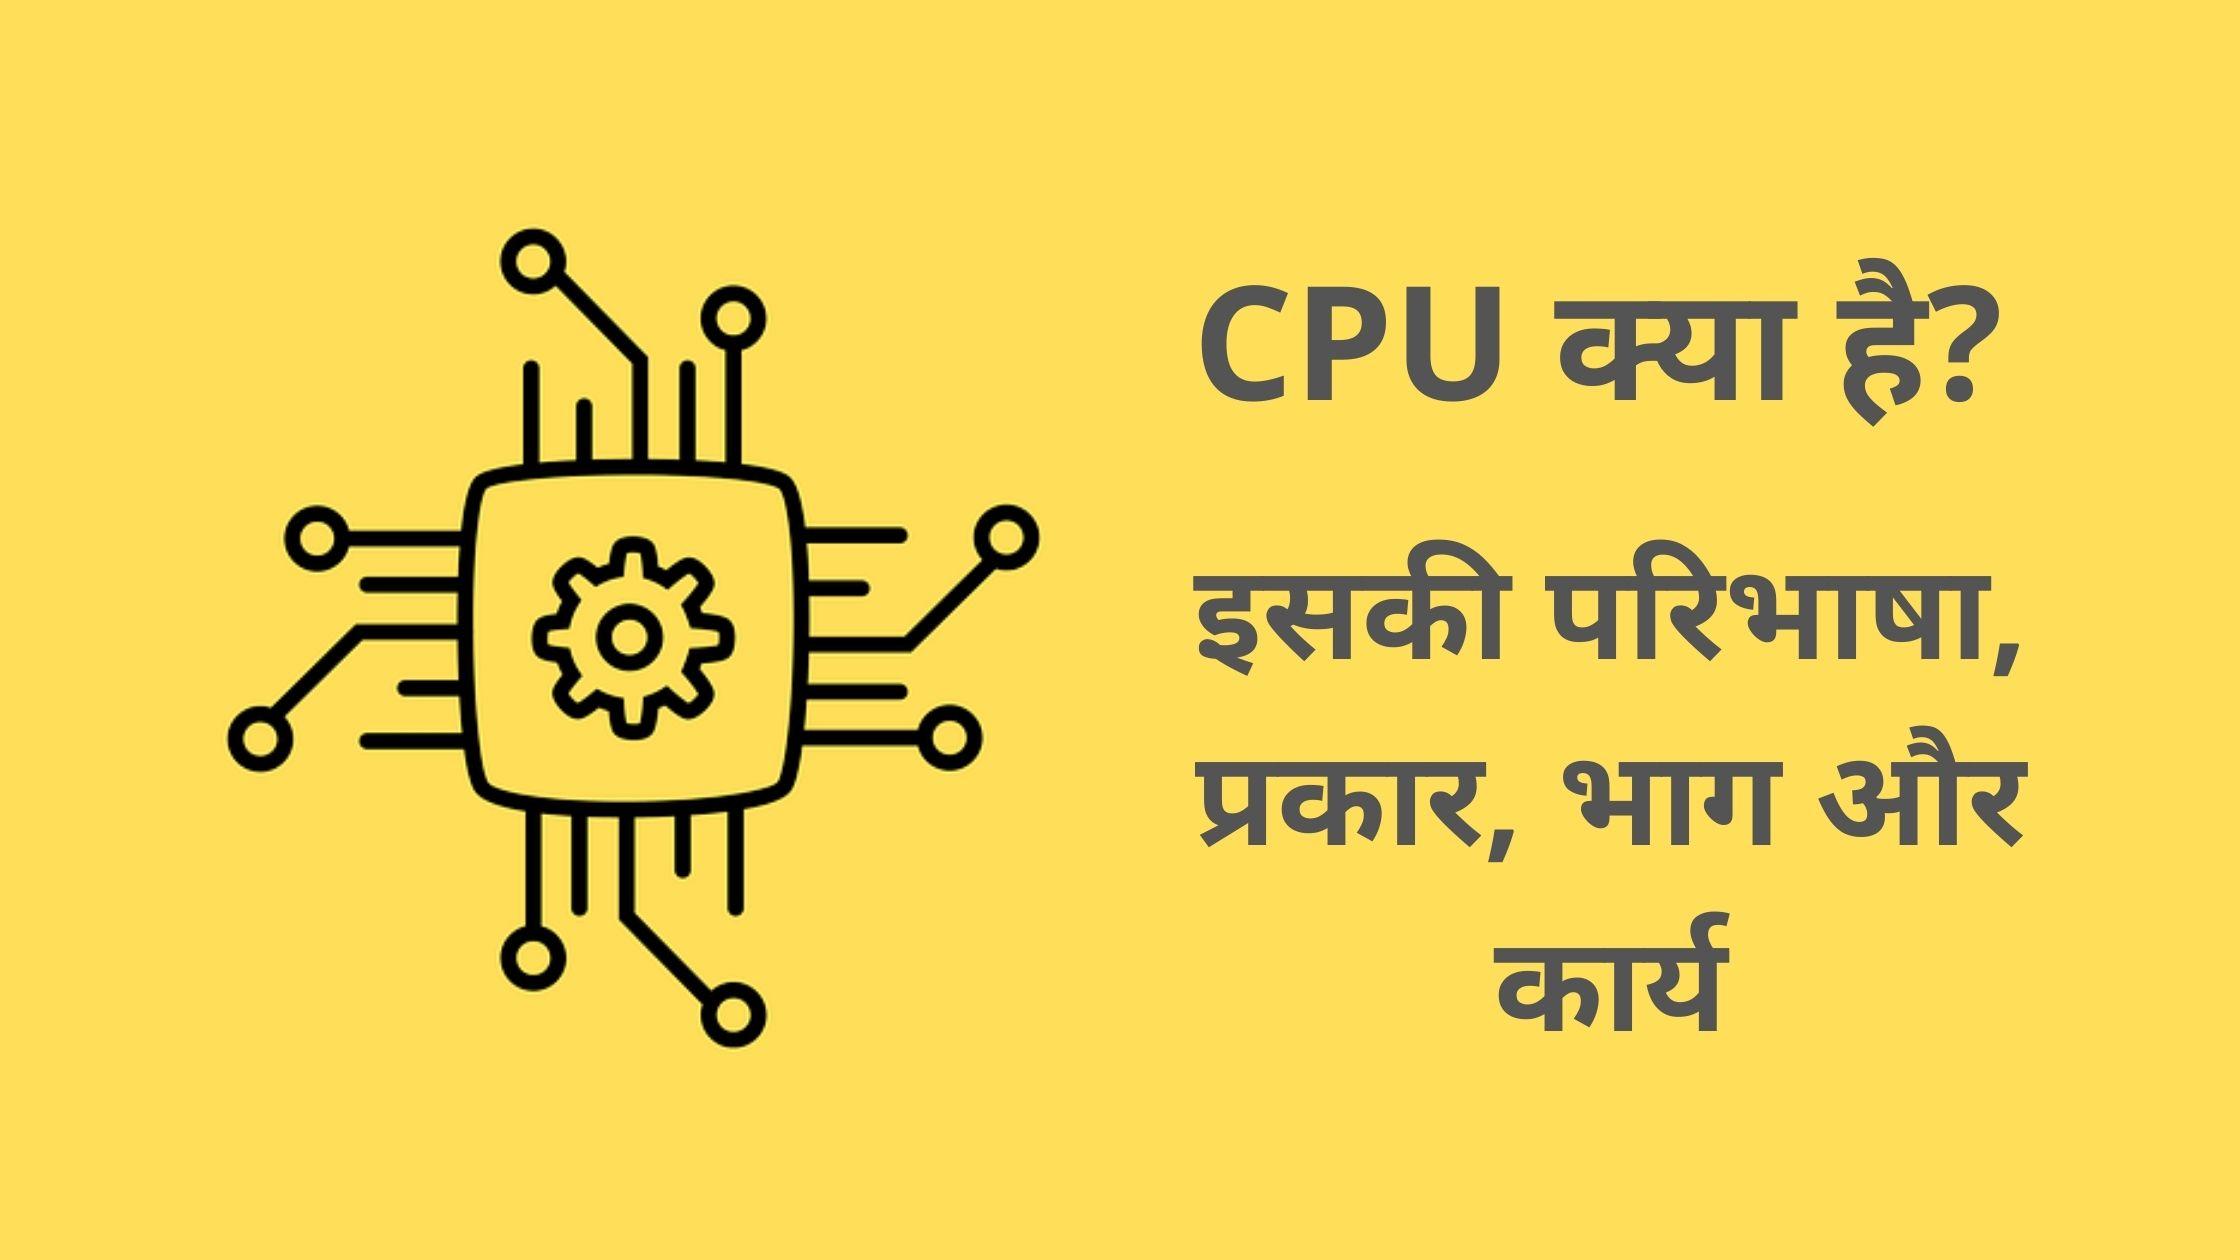 CPU क्या है? इसकी परिभाषा, प्रकार, भाग और कार्य